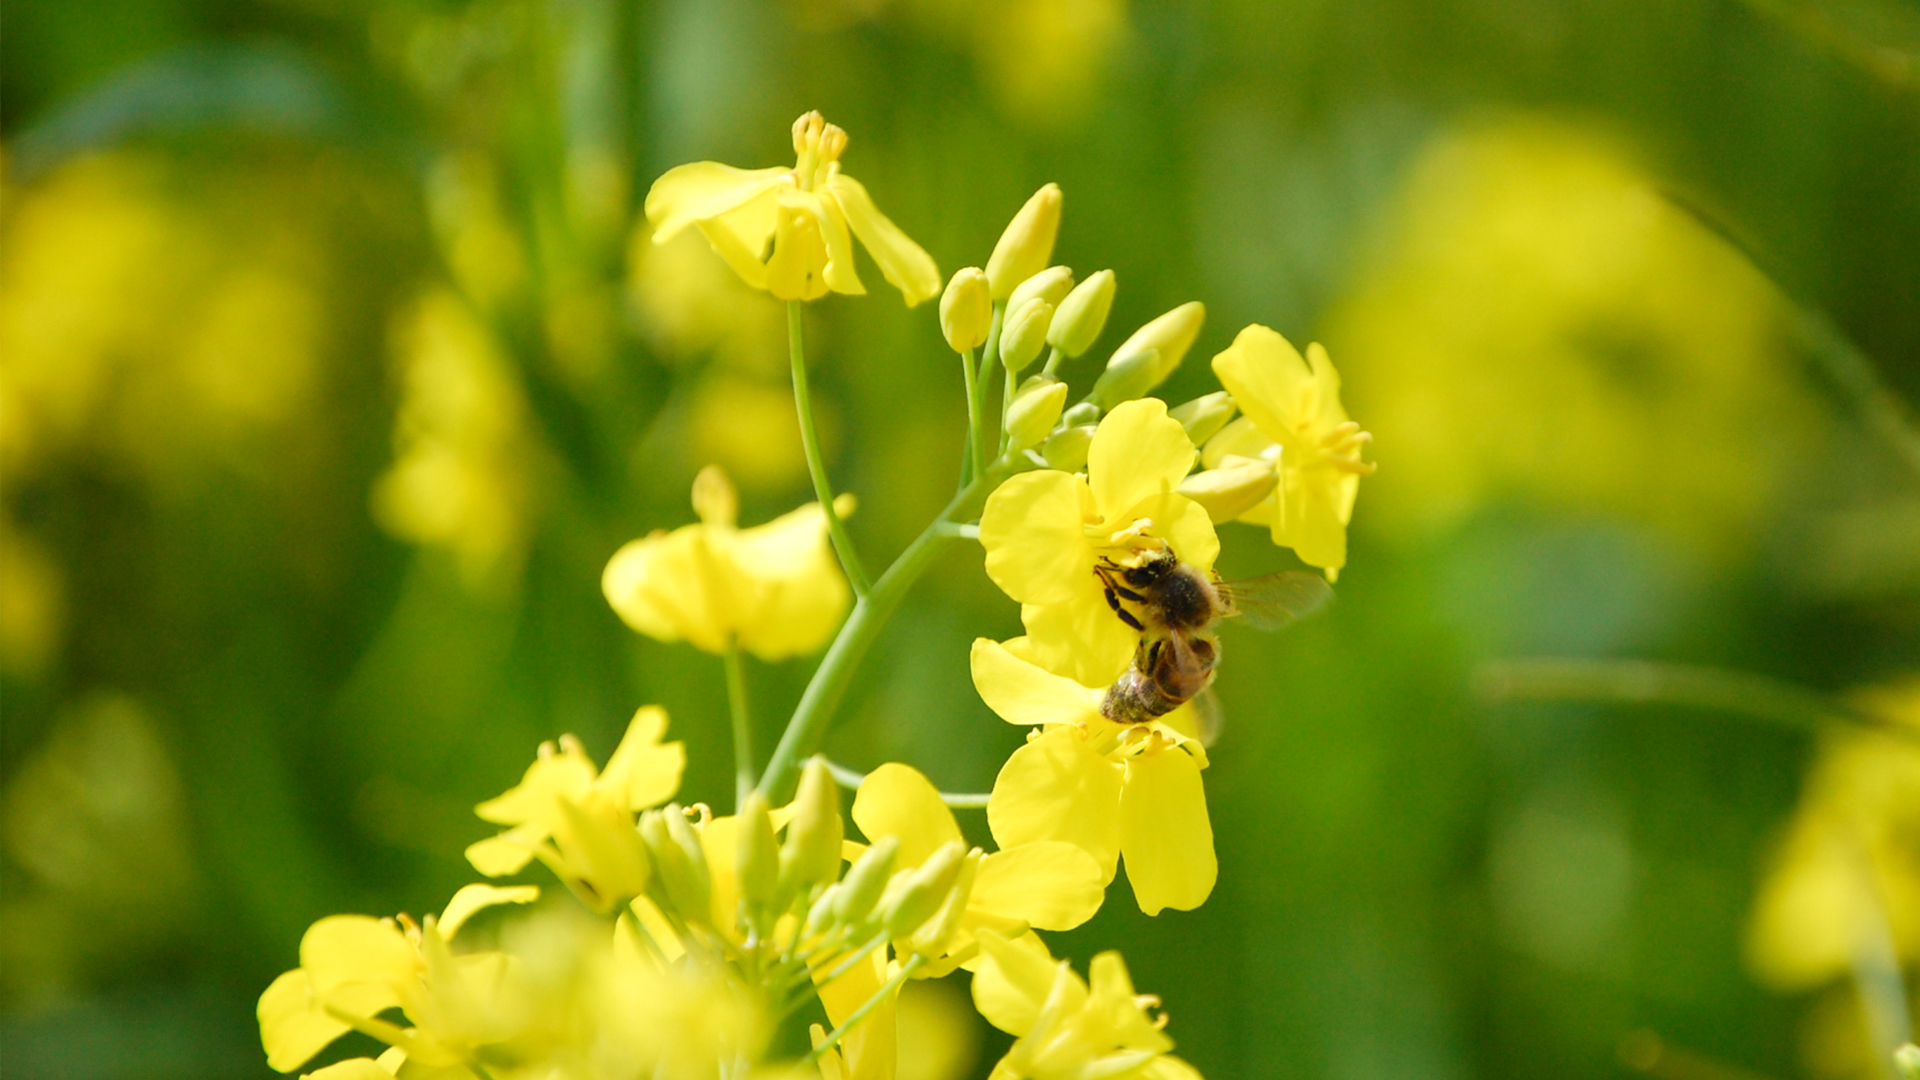 Mehiläinen kevätrypsin kukassa.